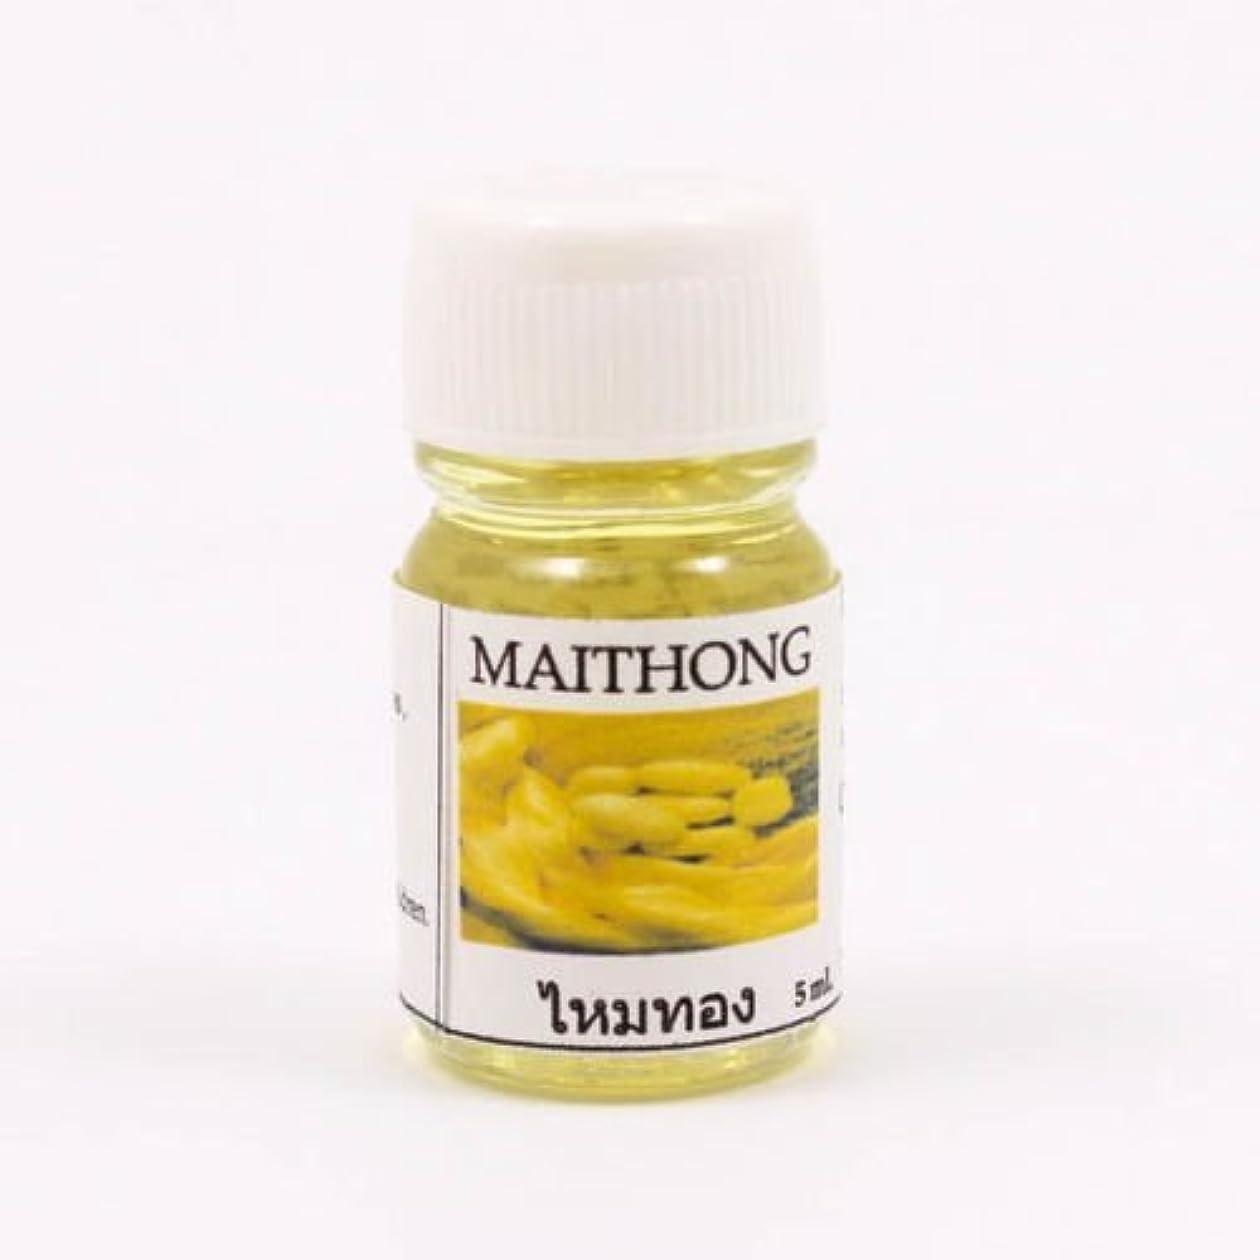 道徳破壊回転する6X Maithong Aroma Fragrance Essential Oil 5ML (cc) Diffuser Burner Therapy